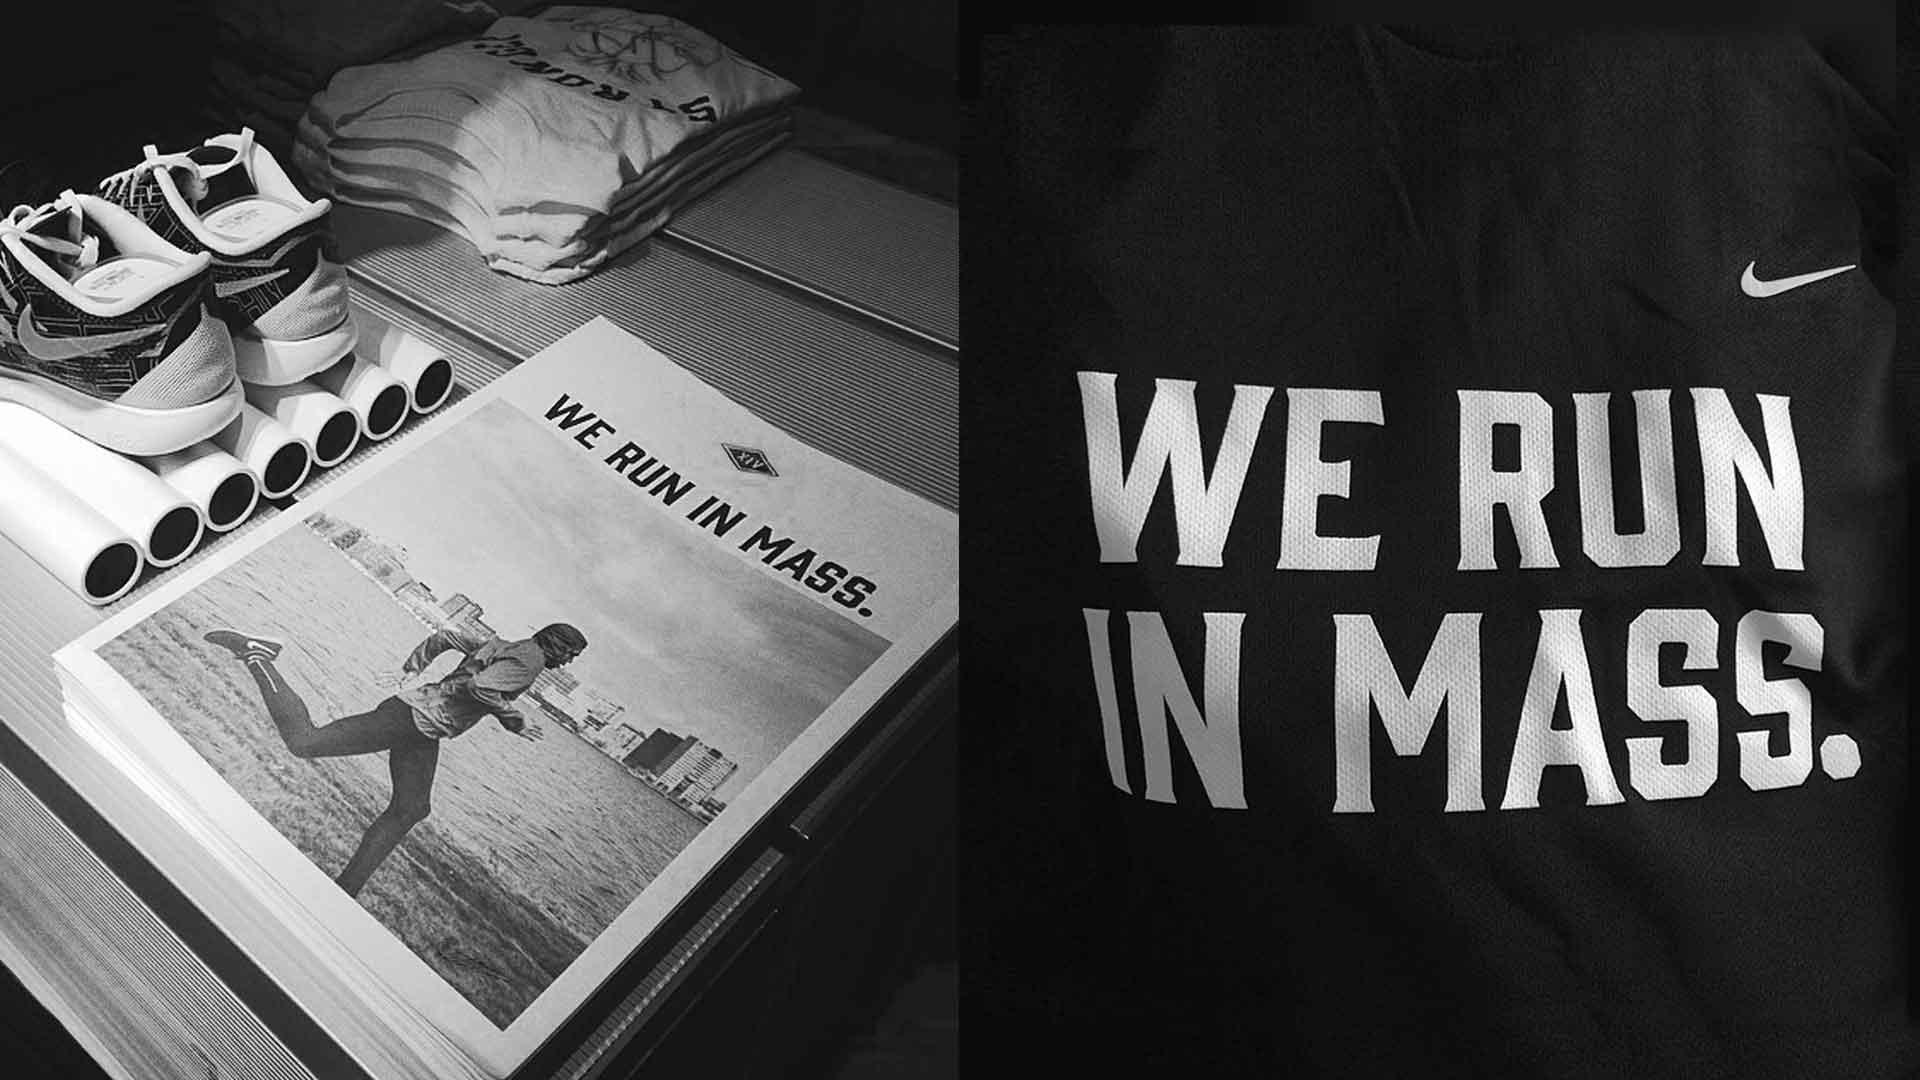 Nike_We_Run_In_Mass_Preacher_10.jpg